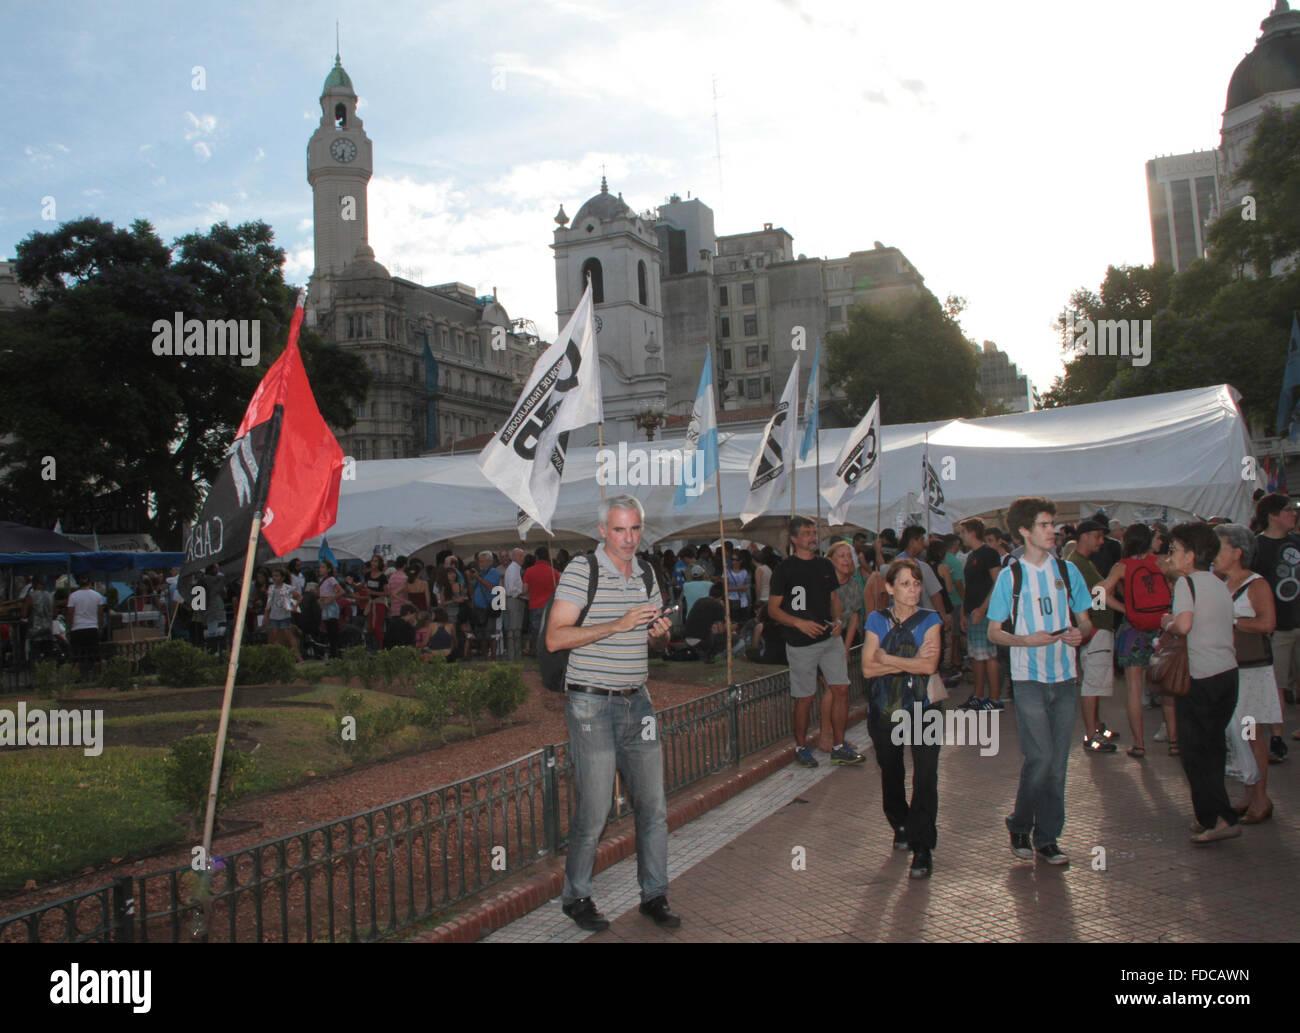 Buenos Aires, Argentinien. 29. Januar 2016. Camping an der Plaza de Mayo vor Casa Rosada Menschen festgenommen kostenlos Inanspruchnahme sozialer Aktivist Milagro Sala in Jujuy. Bildnachweis: Néstor J. Beremblum/Alamy Live-Nachrichten Stockfoto